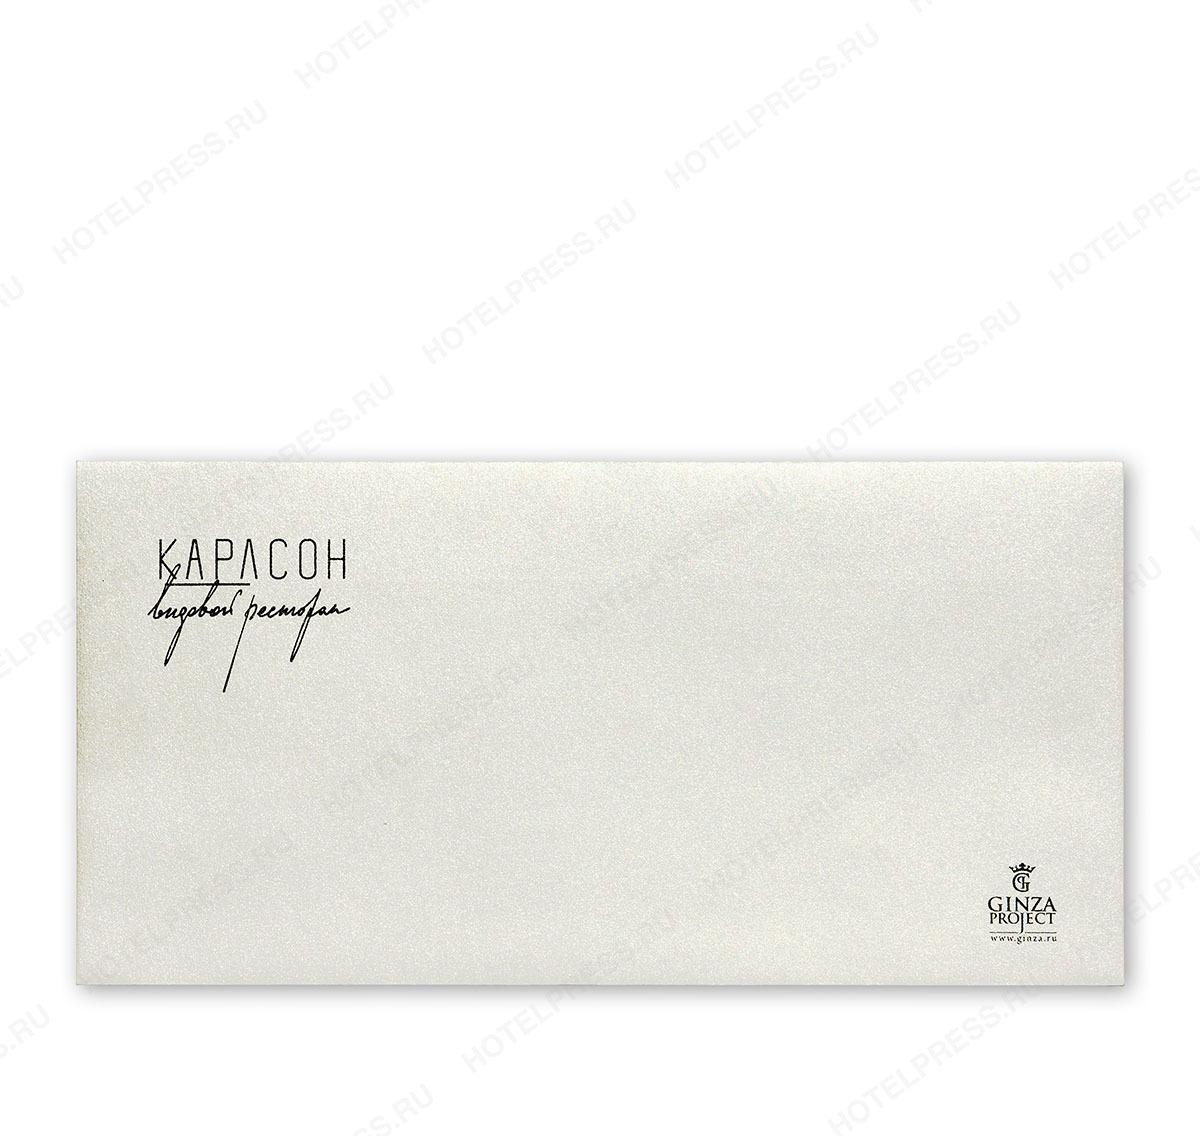 Евроконверт из дизайнерской бумаги ресторана КАРЛСОН